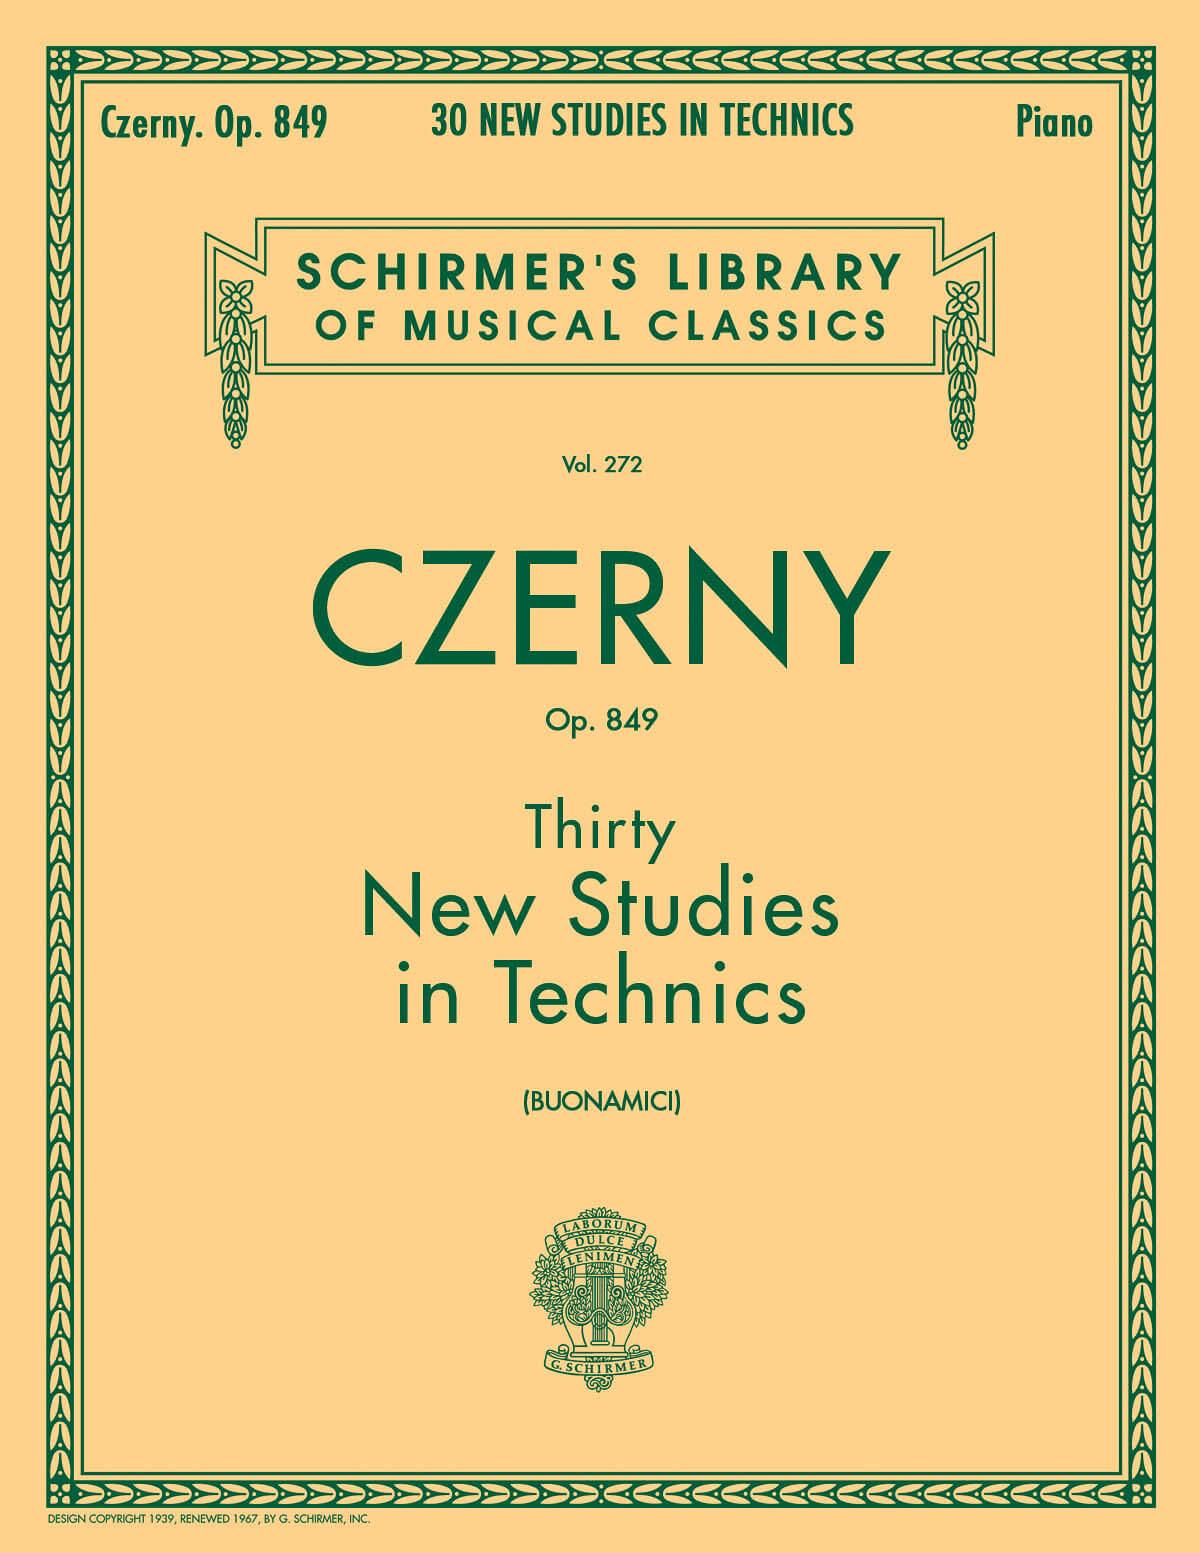 Thirty New Studies in Technics, Op. 849